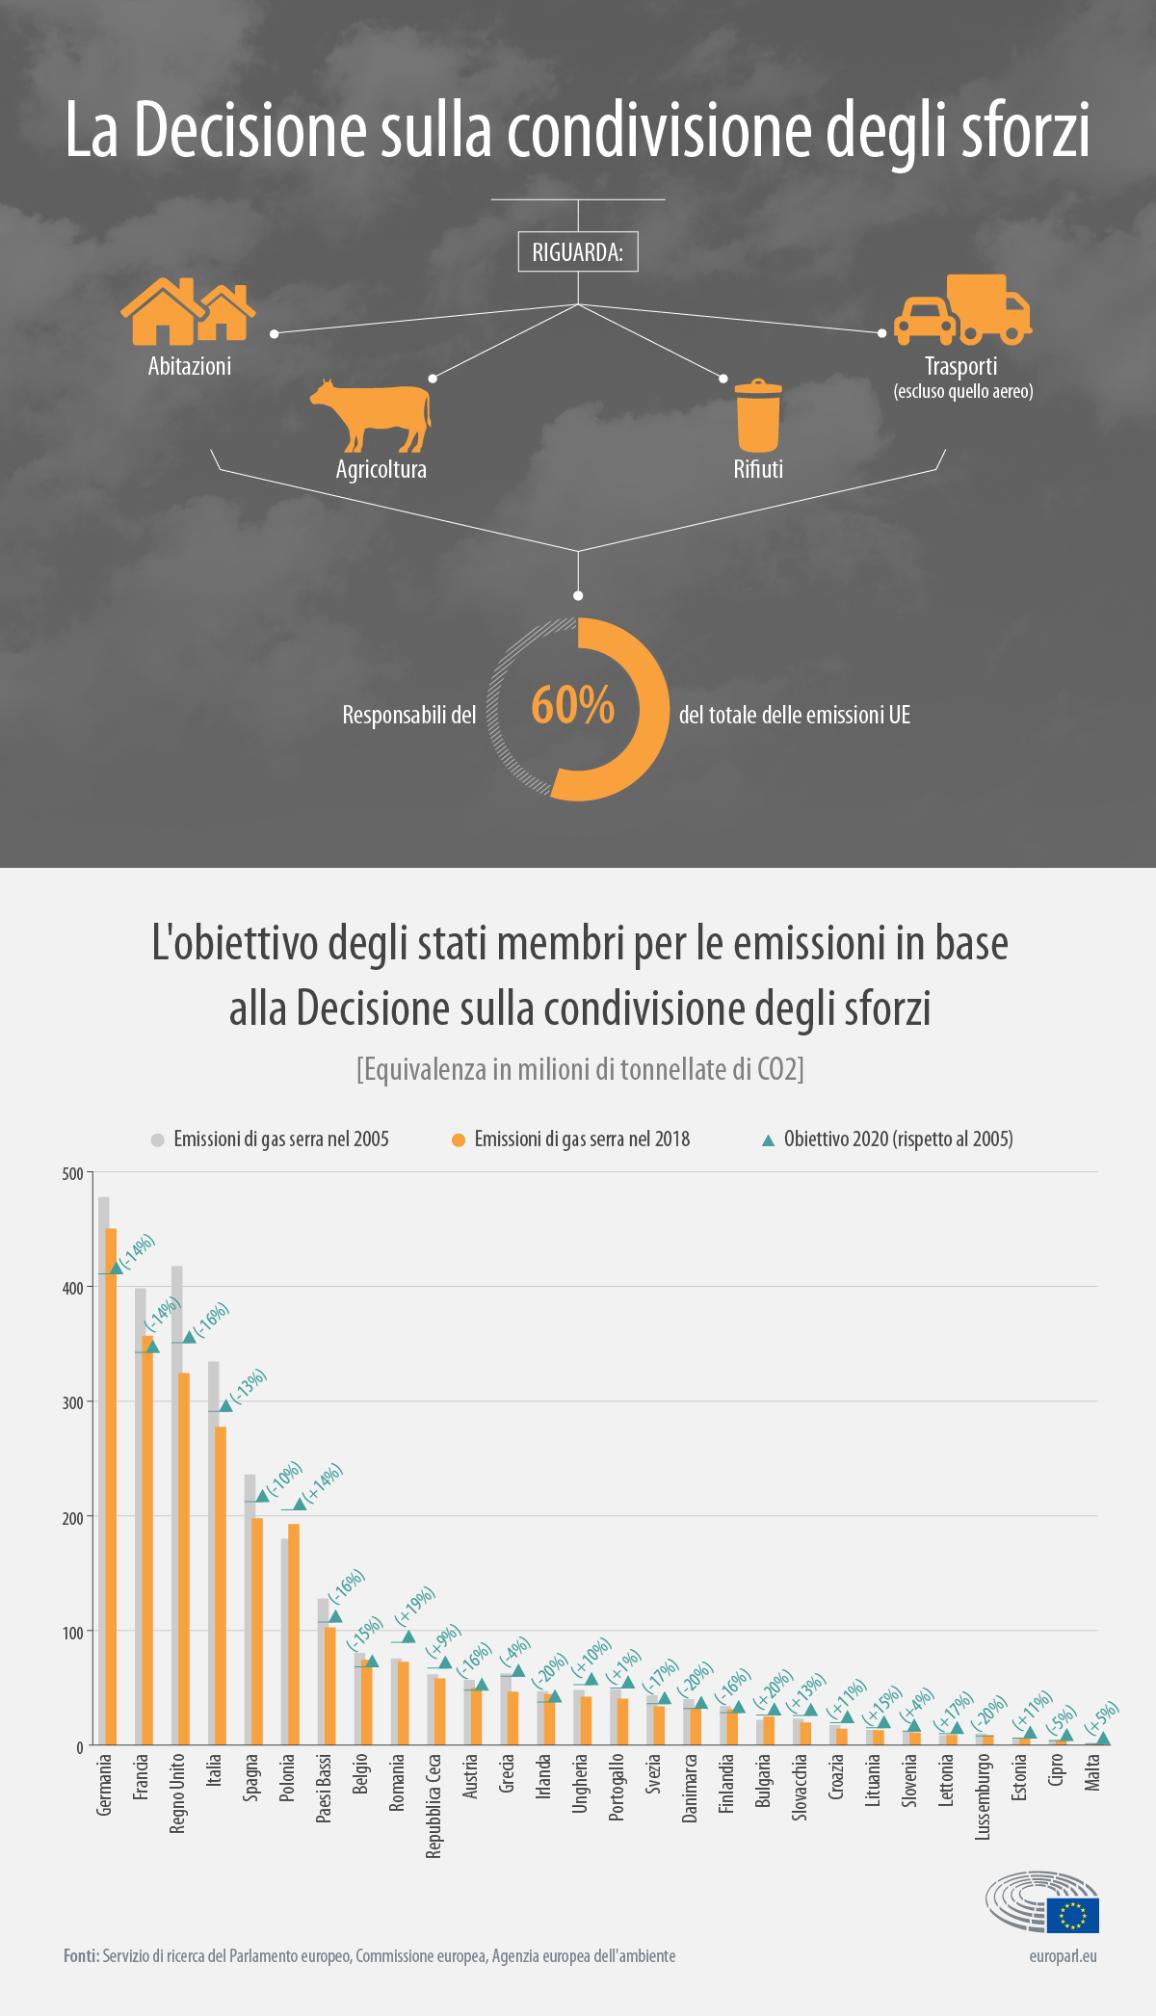 Obiettivi nazionali di riduzione delle emissioni . Gli stati membri hanno stabilito degli obiettivi nazionali di riduzione delle emissioni secondo gli obblighi previsti dalla Decisione sulla condivisione dello sforzo per ridurre le emissioni in altri settori, quali edilizia abitativa, agricoltura, rifiuti e trasporti, escluso il settore dell'aviazione.